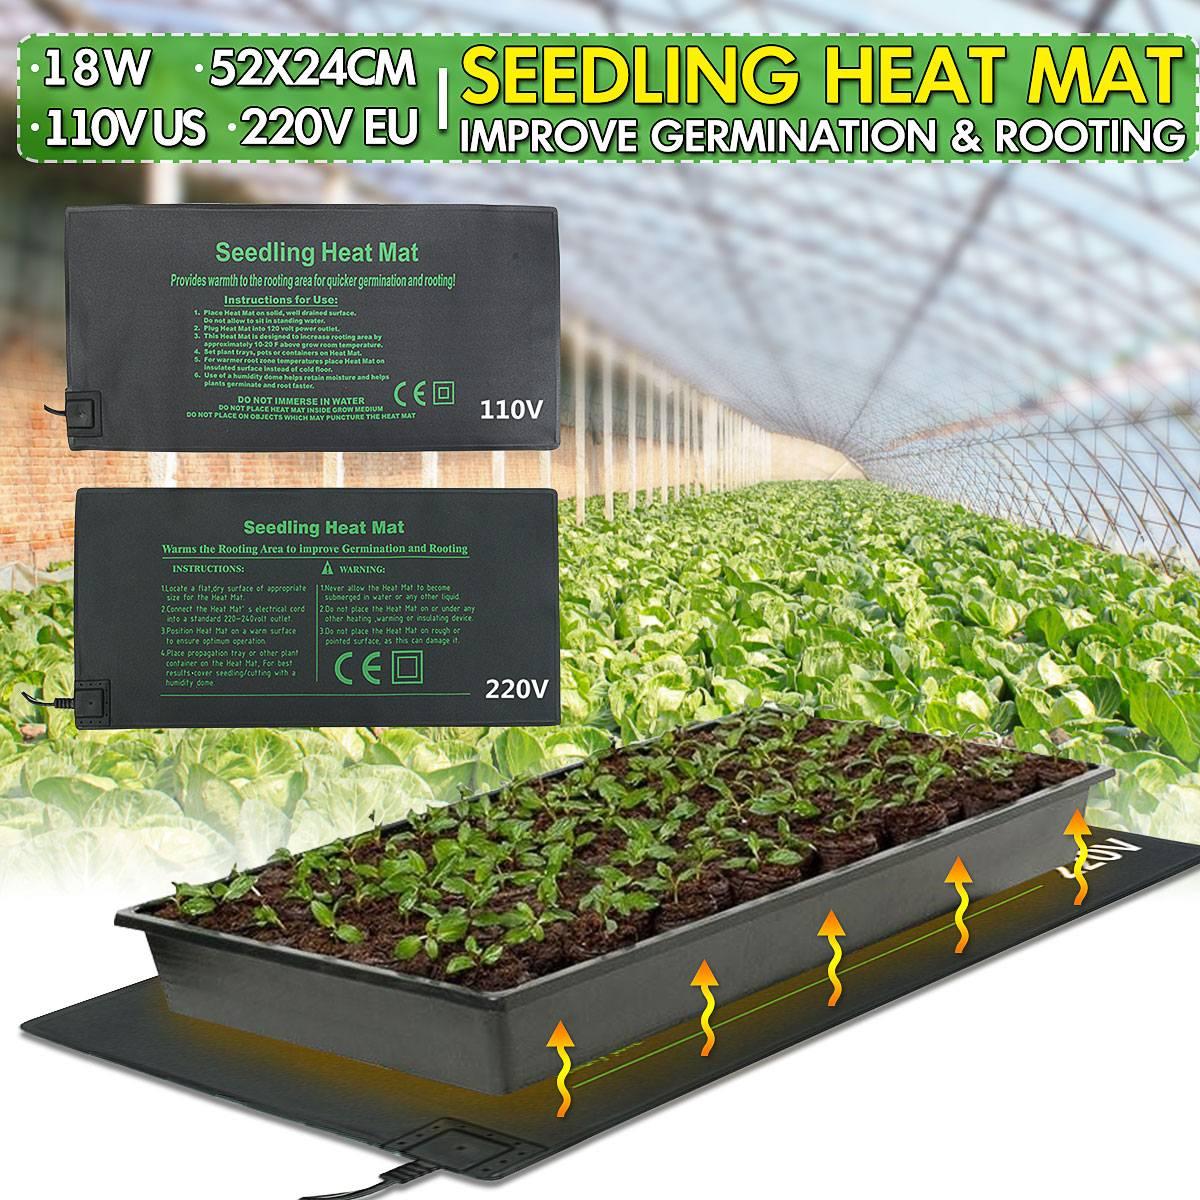 Нагреватель для рассады коврик для прорастания семян растений размножение клон стартер теплый коврик для овощей цветы садовый инструмент ...